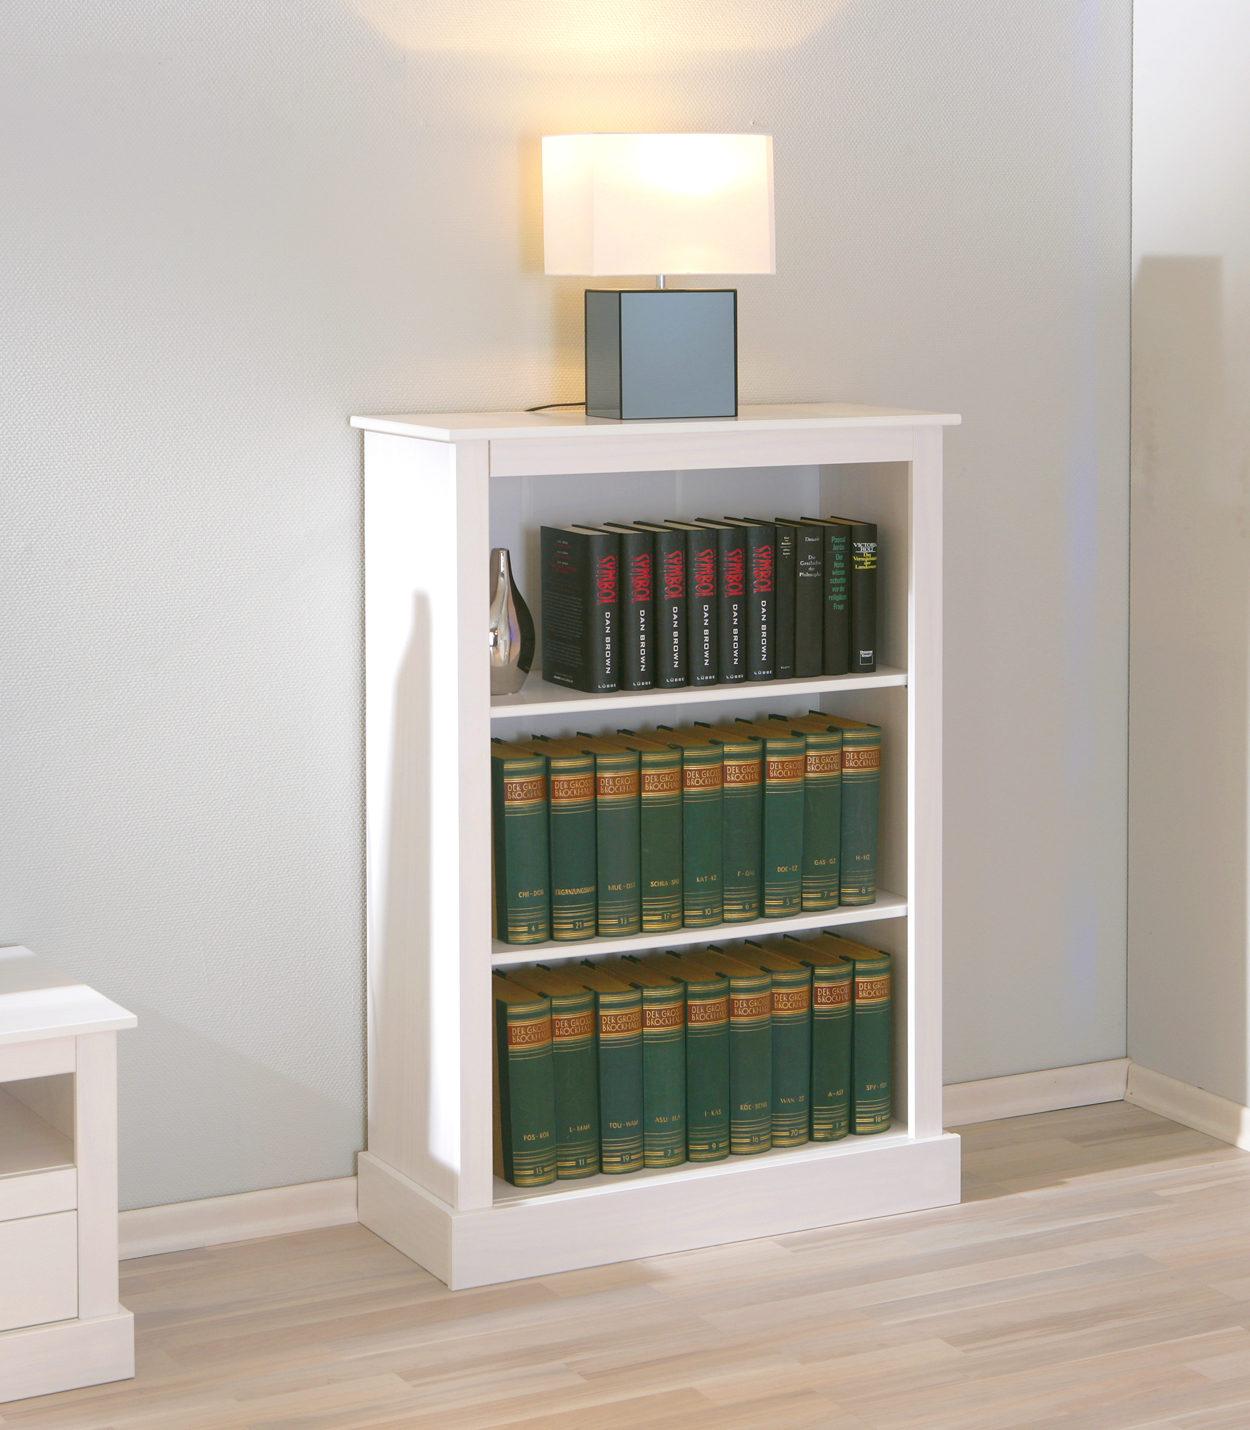 Büromöbel weiß chrom  Regal Provence, ein attraktives Wohnzimmermöbel oder Büromöbel, weiß ...